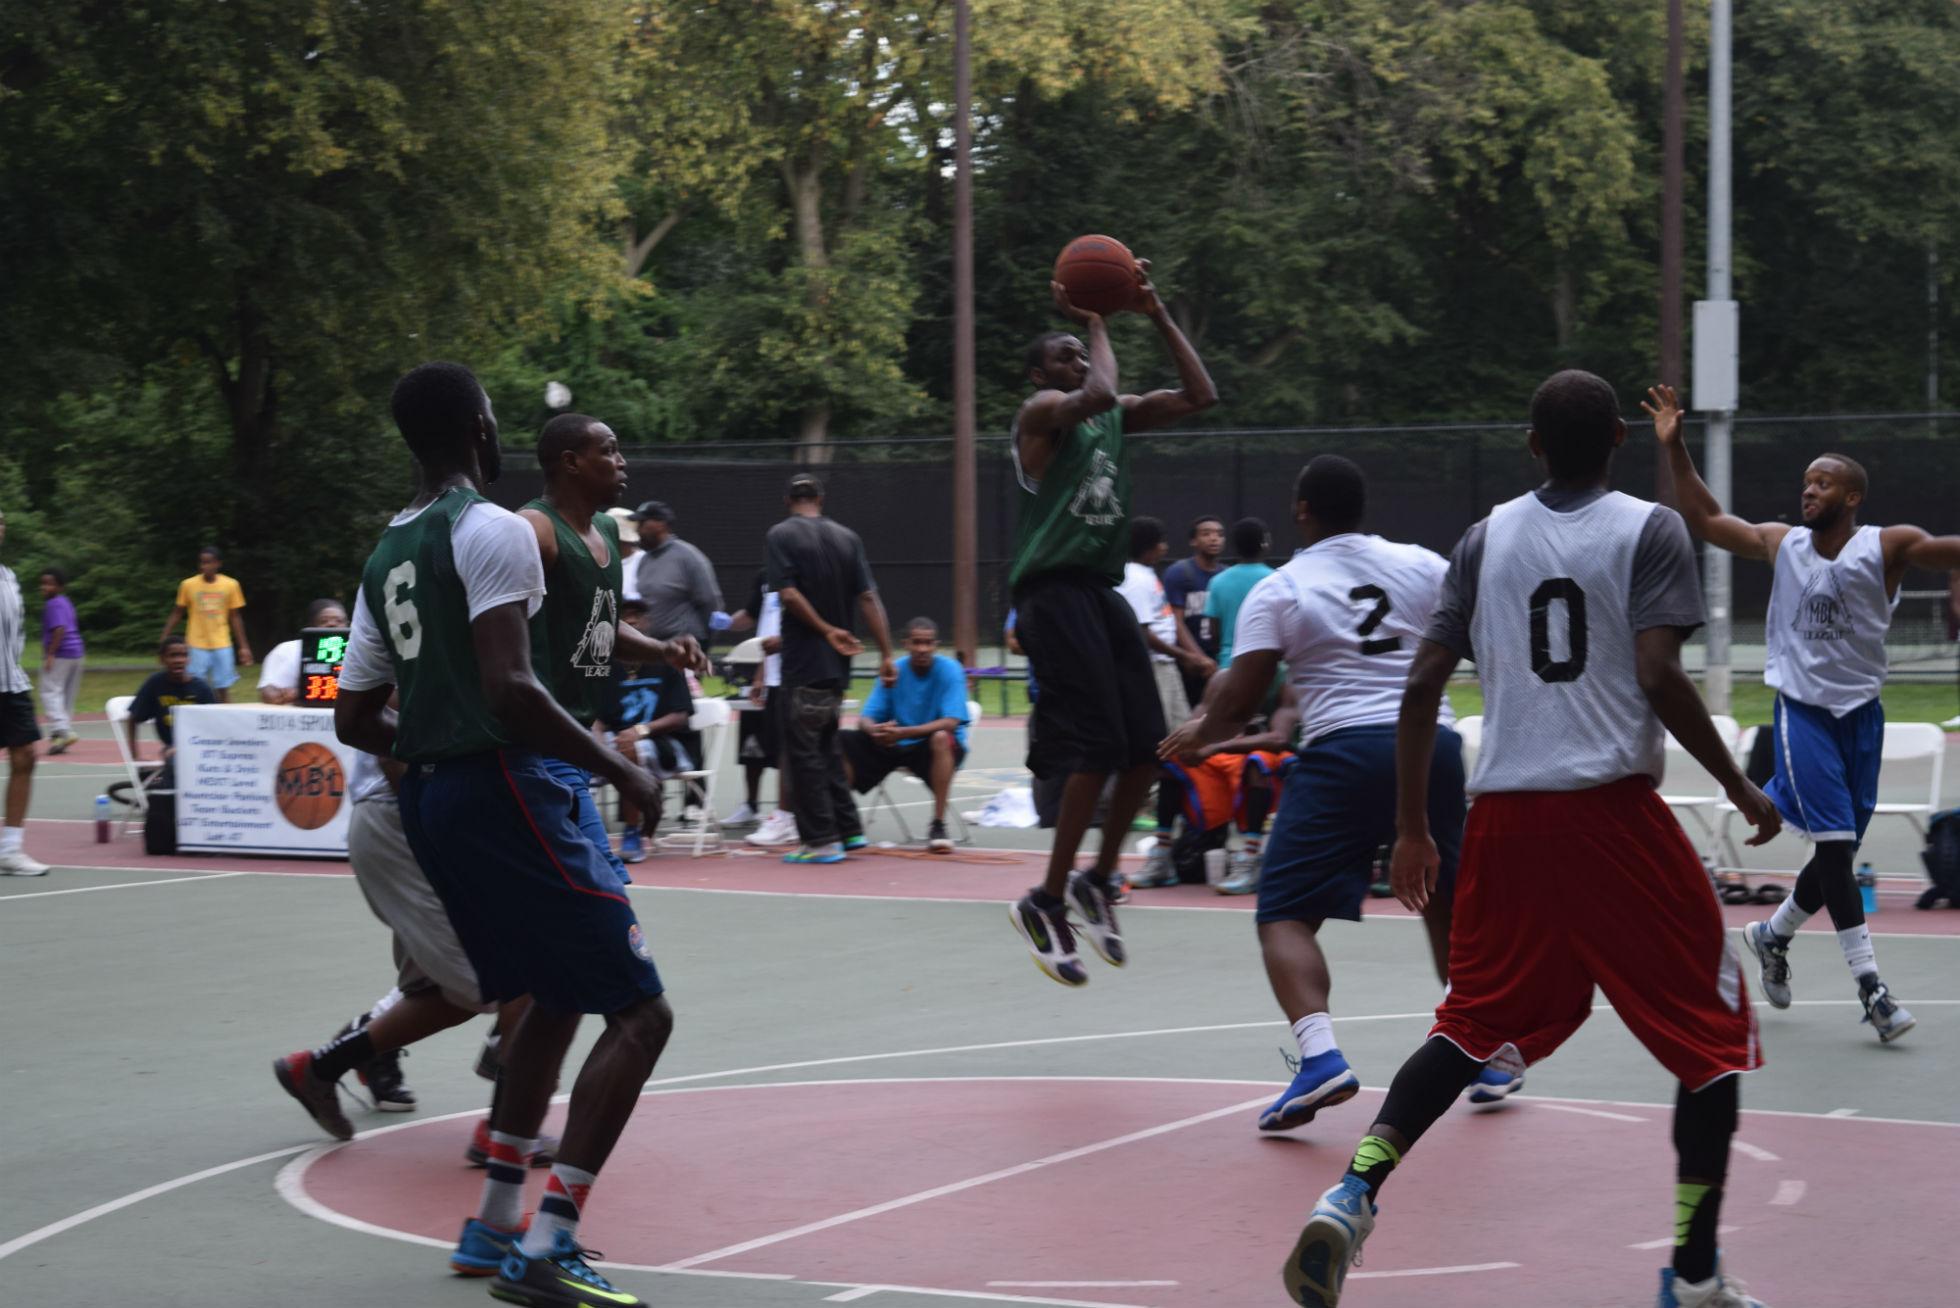 fda6daf910473c0df2d9_montclair_basketball.2.jpg